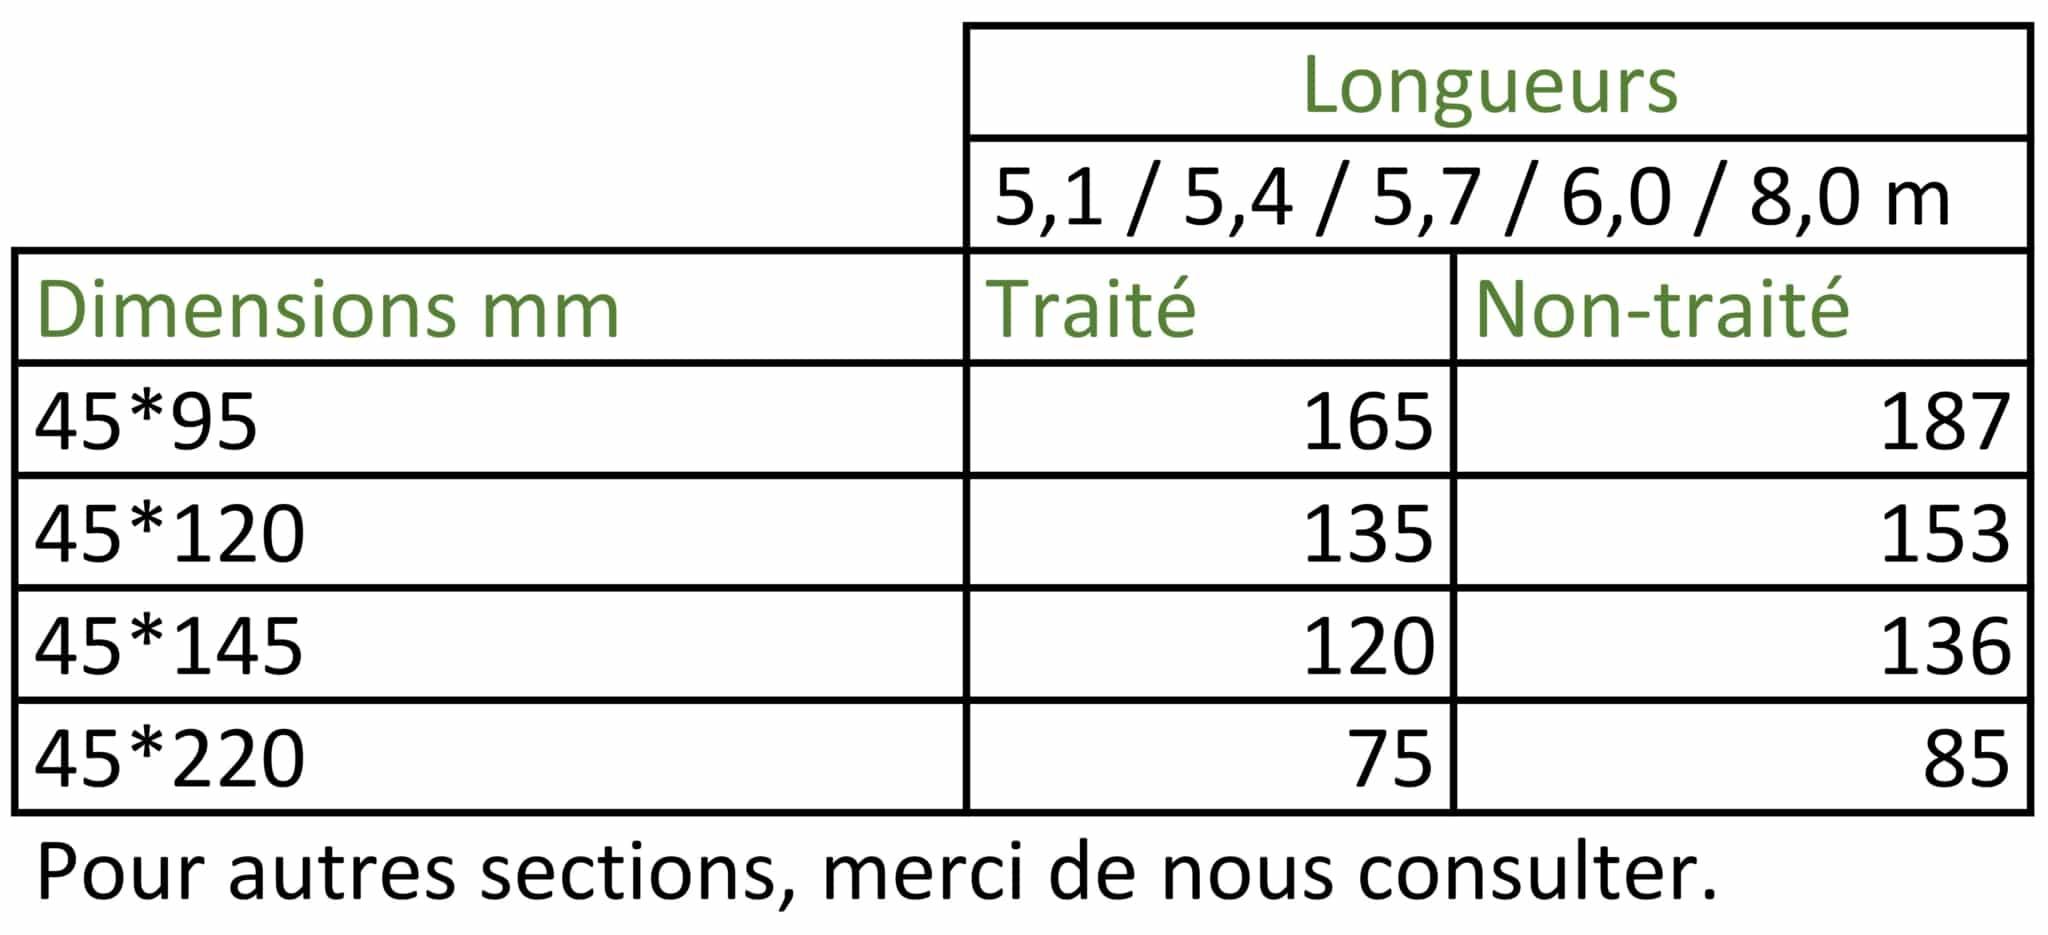 Colisage des liteaux de l'Agence Boinet